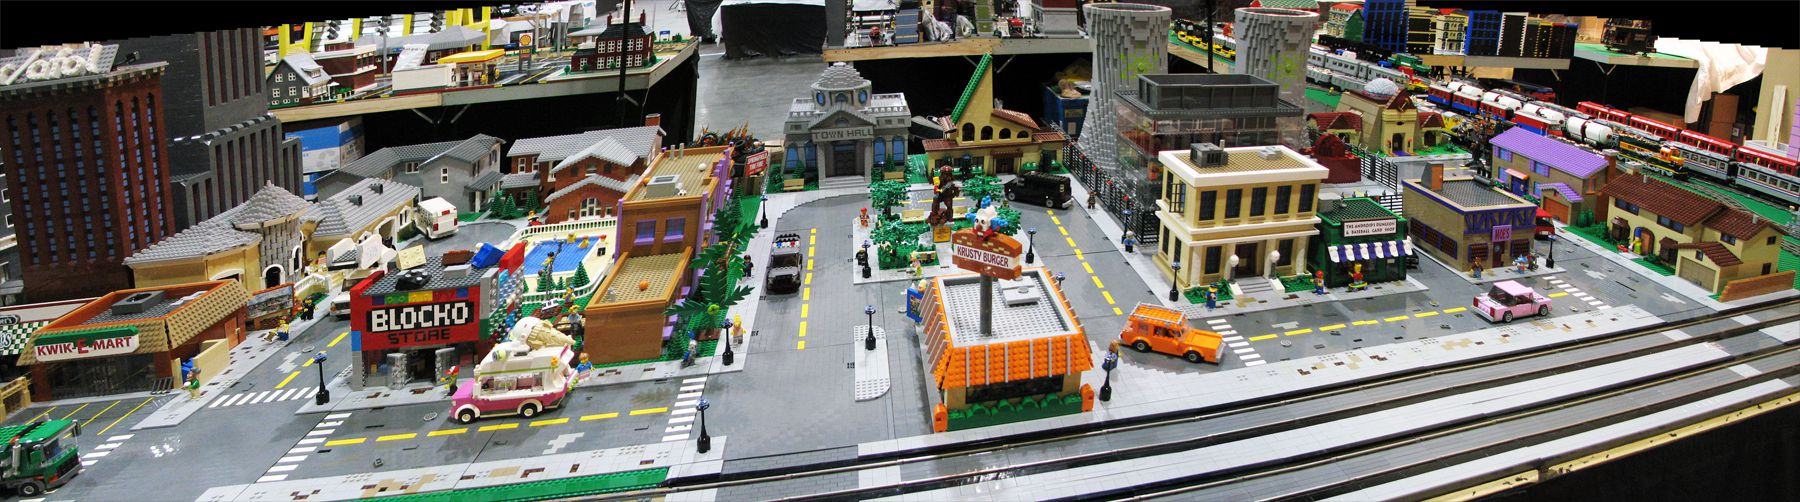 Springfield in Lego – und Wissenschaftlerinnen